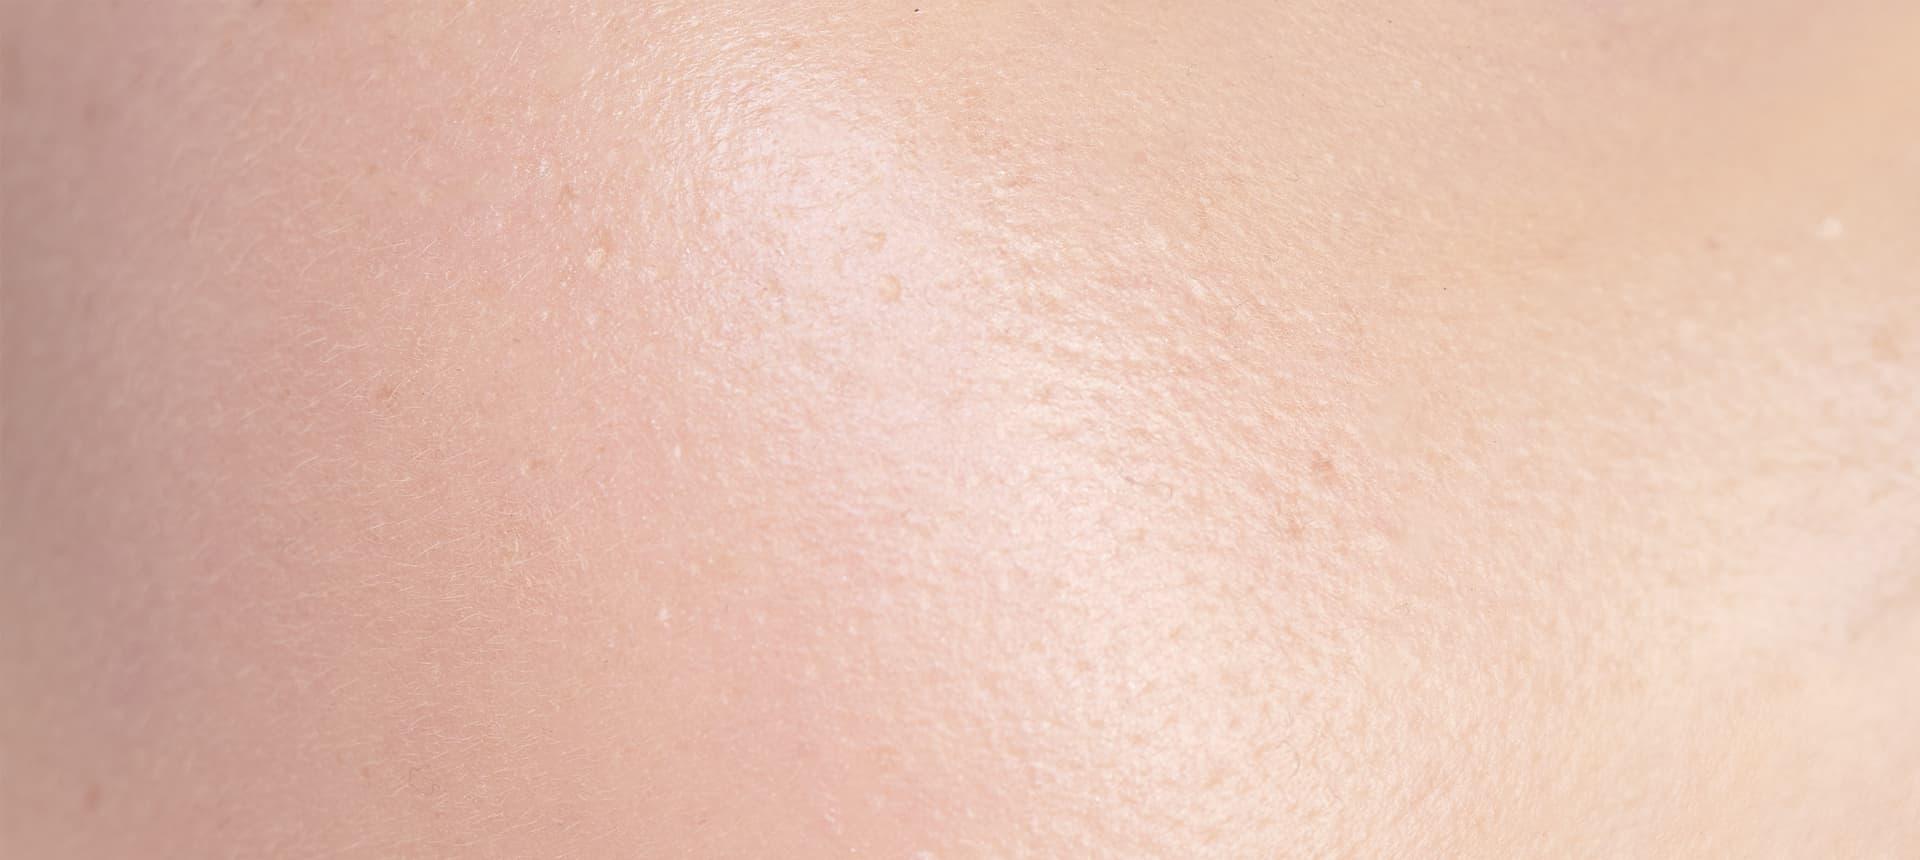 Impactos del exposoma:Efectos en la piel